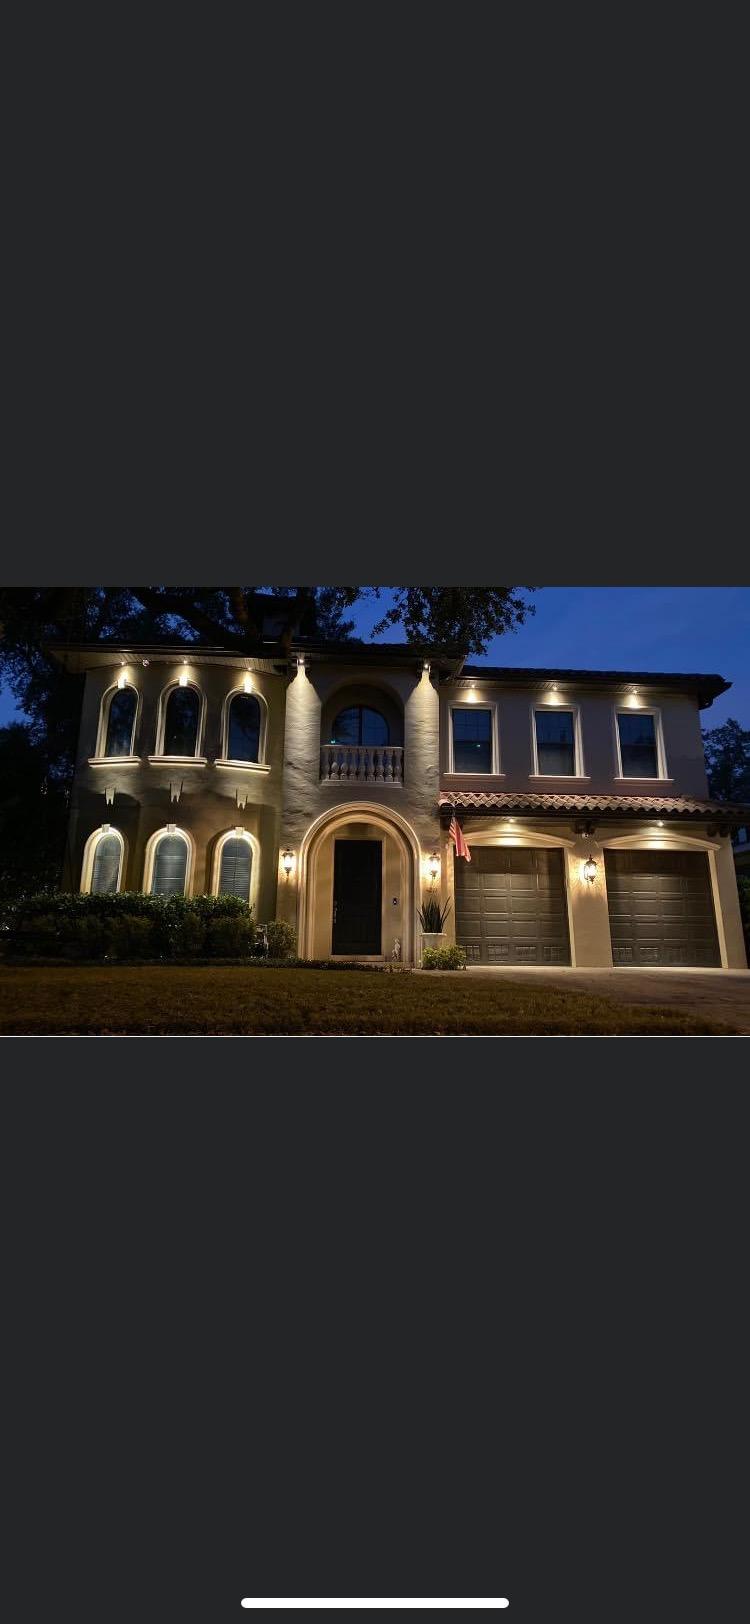 LED Exterior Lighting